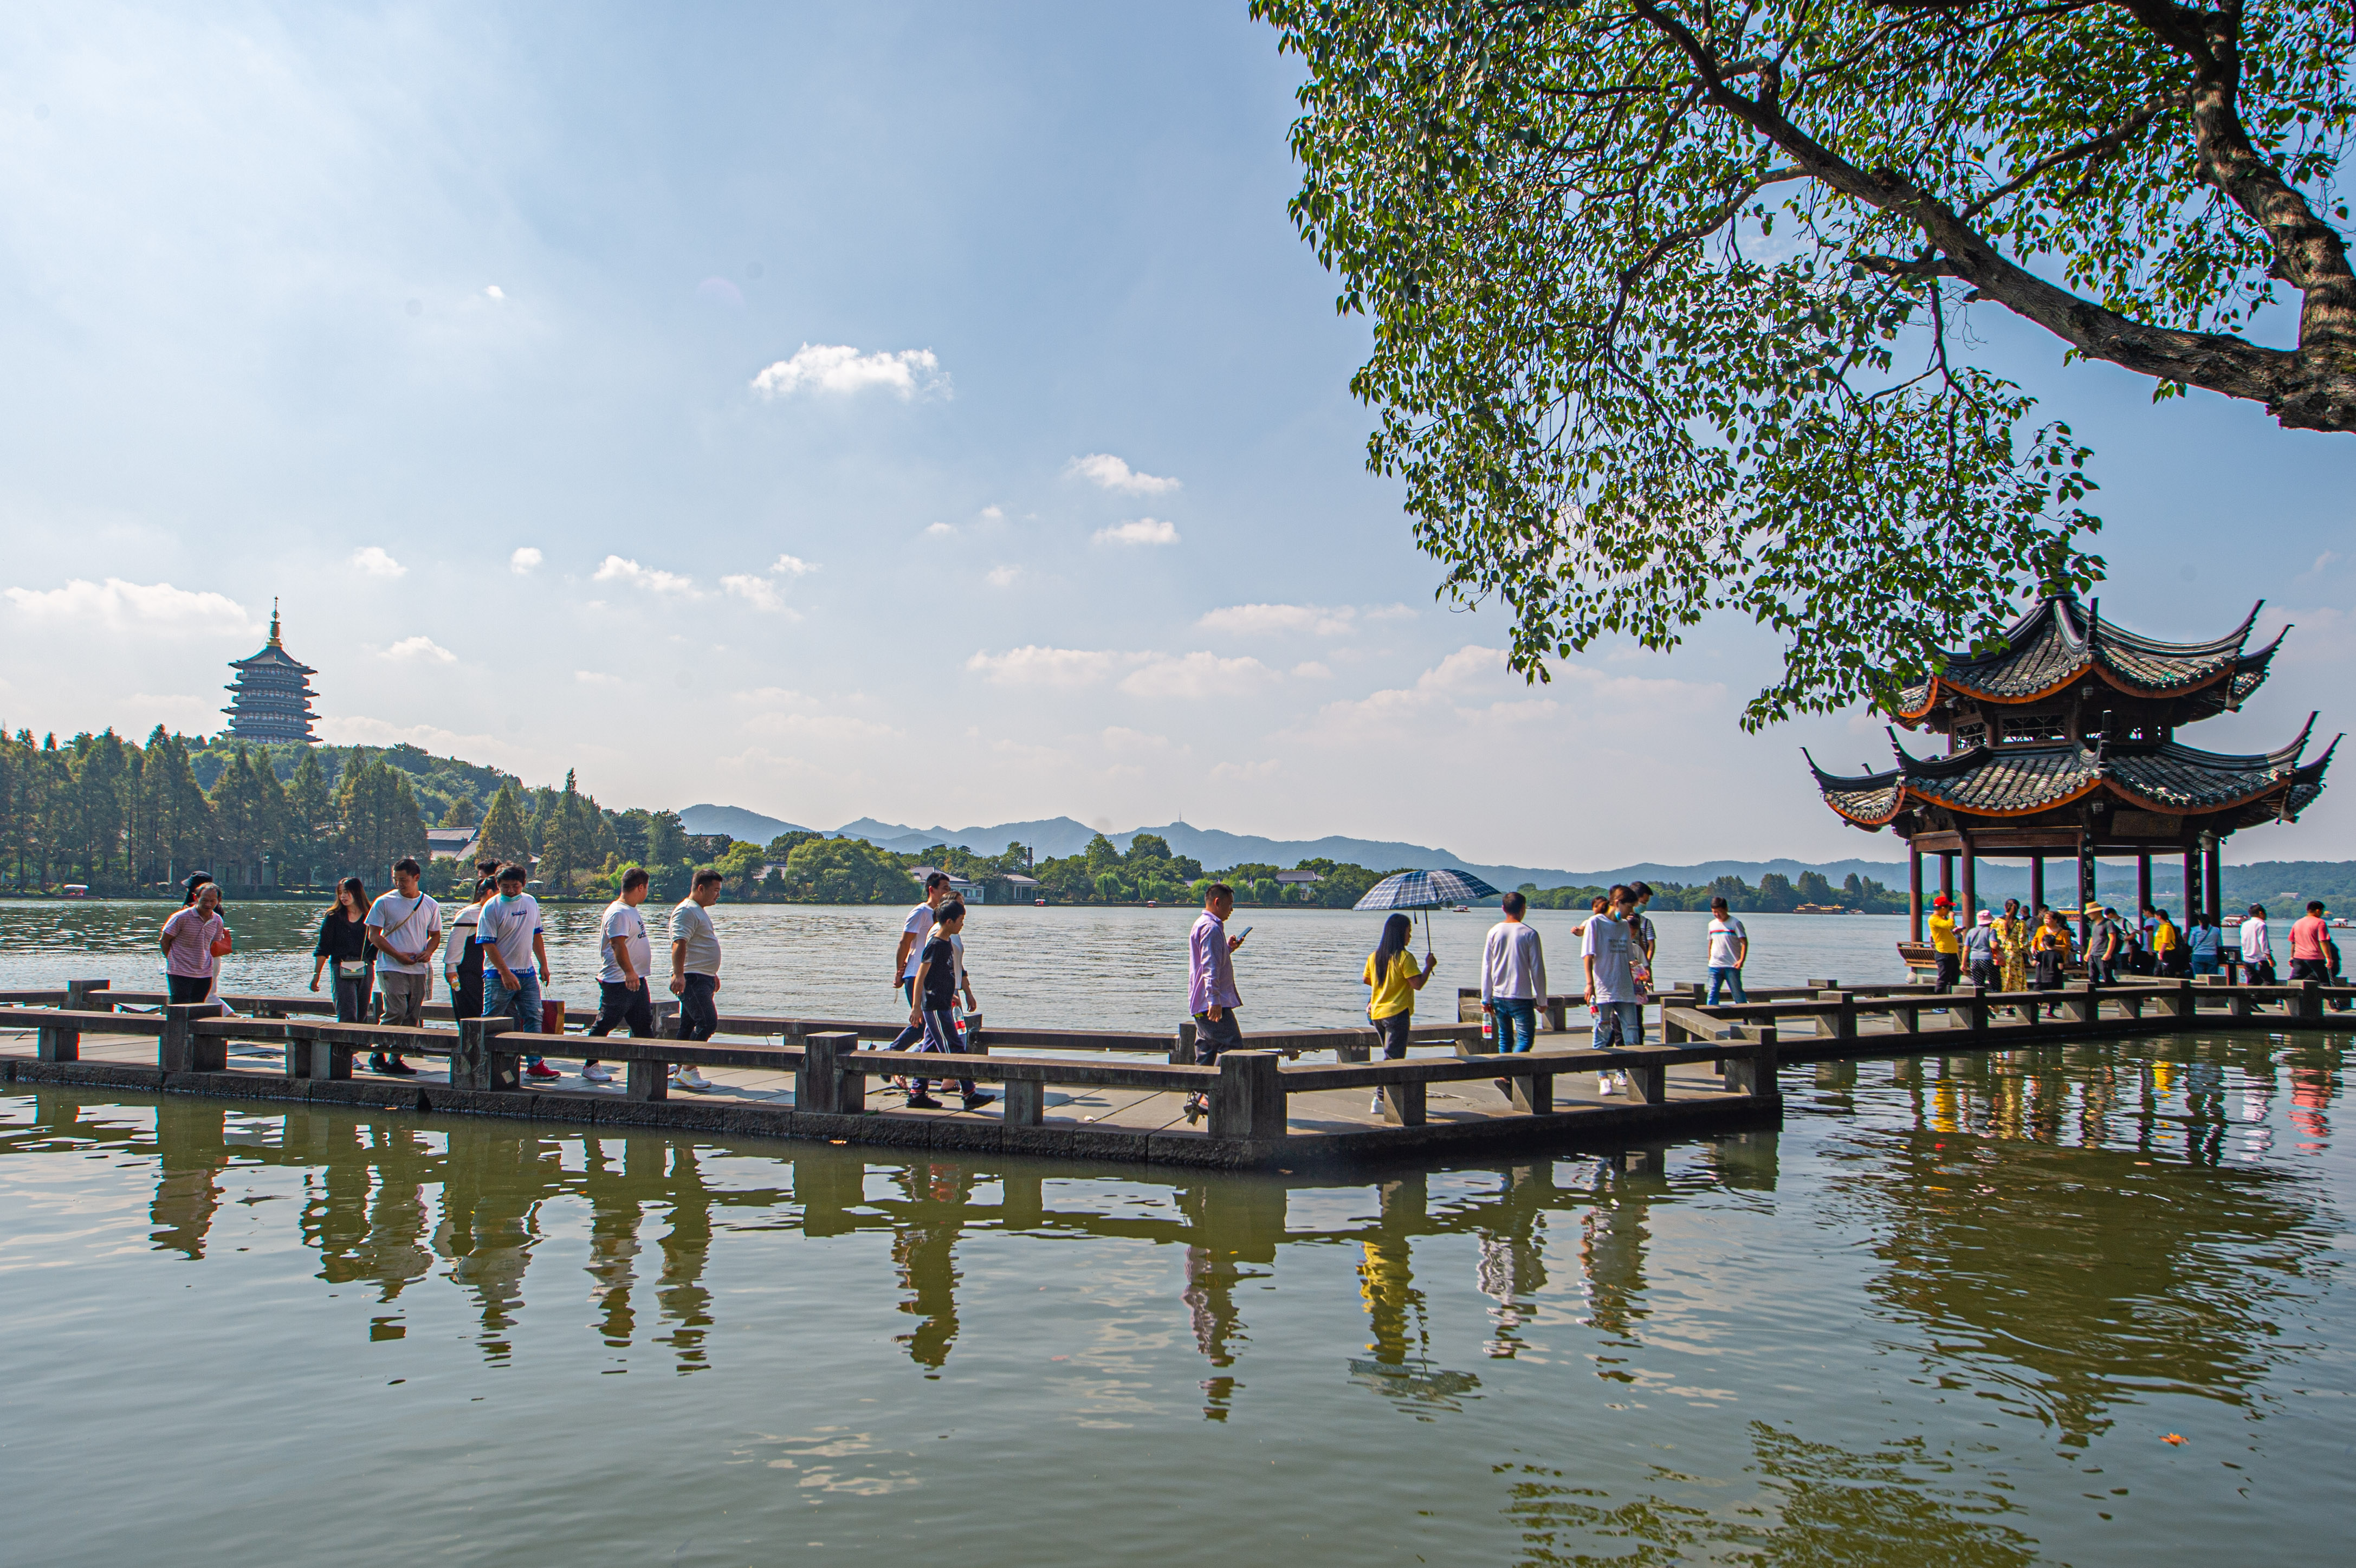 遊客在杭州西湖長橋景區遊覽(10月1日攝)。?(新華社)